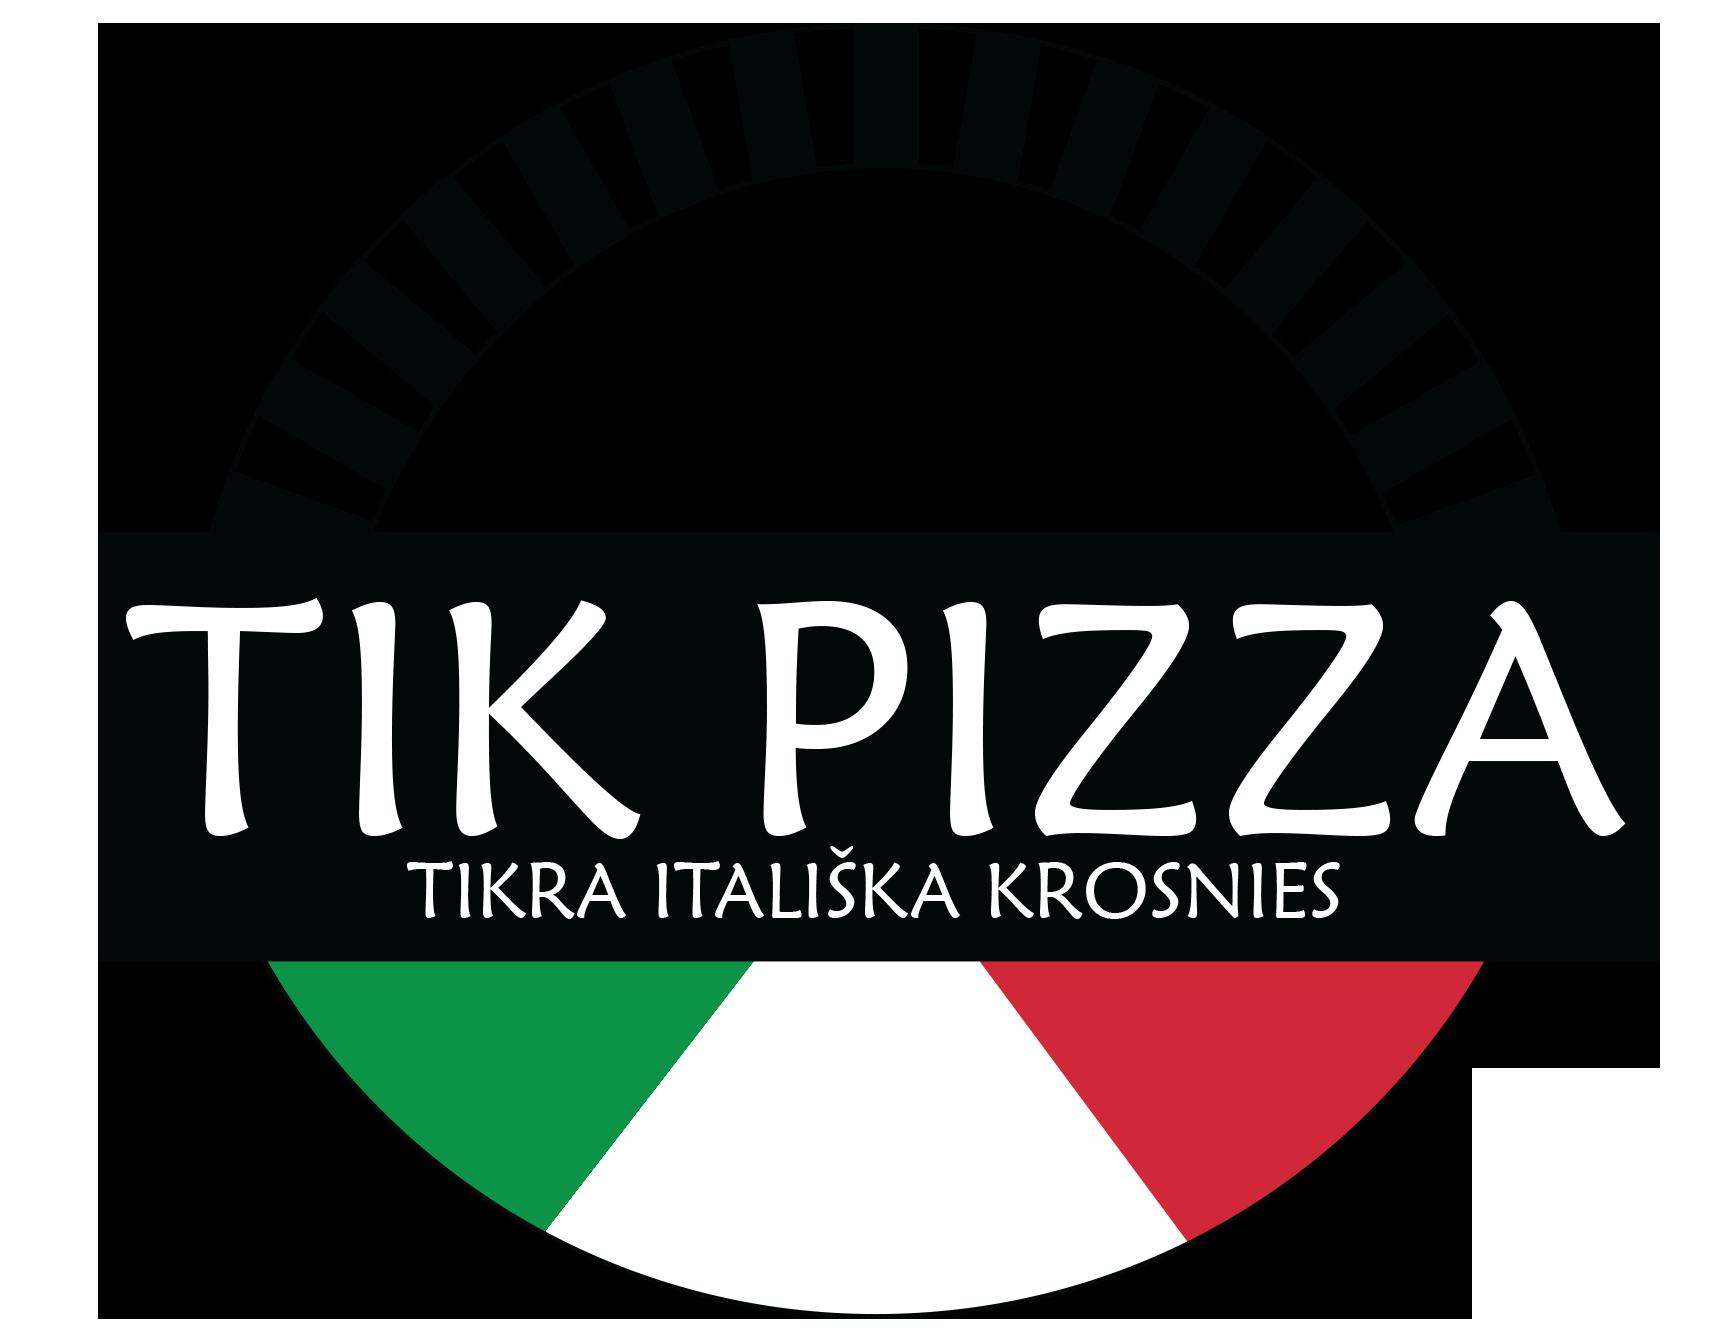 TK pizza LOGO- 10x10 cm